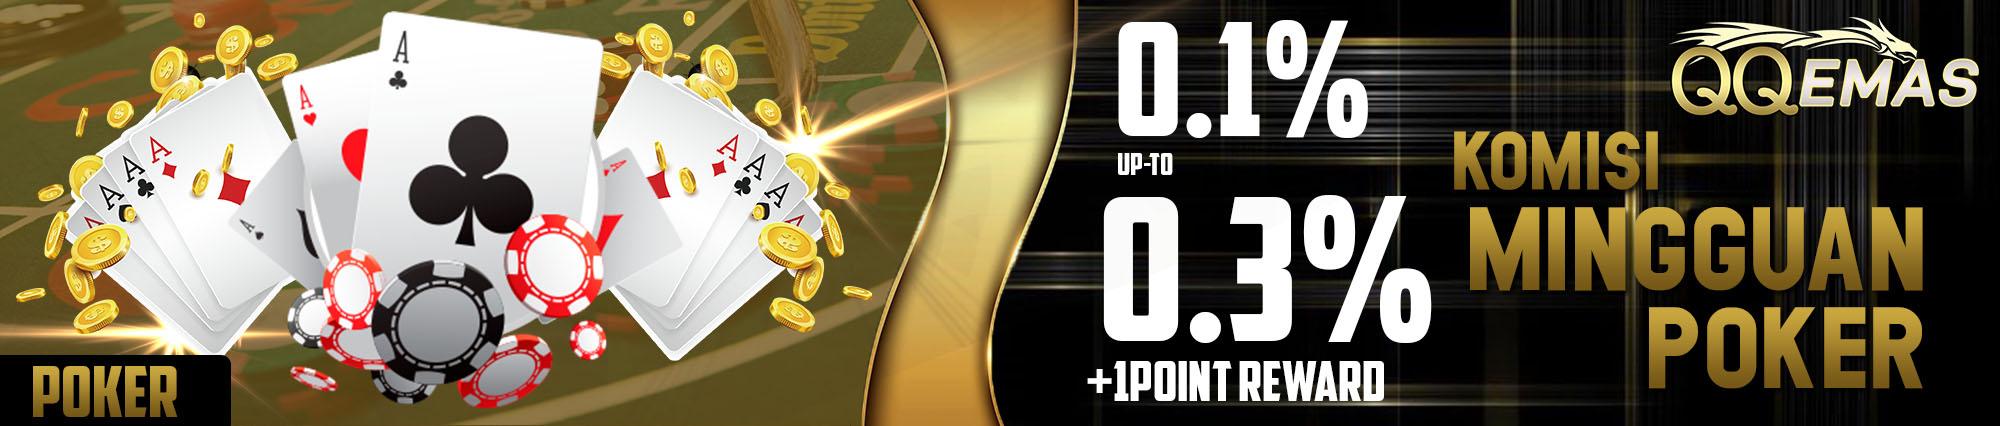 Bonus Poker Online 0.3%